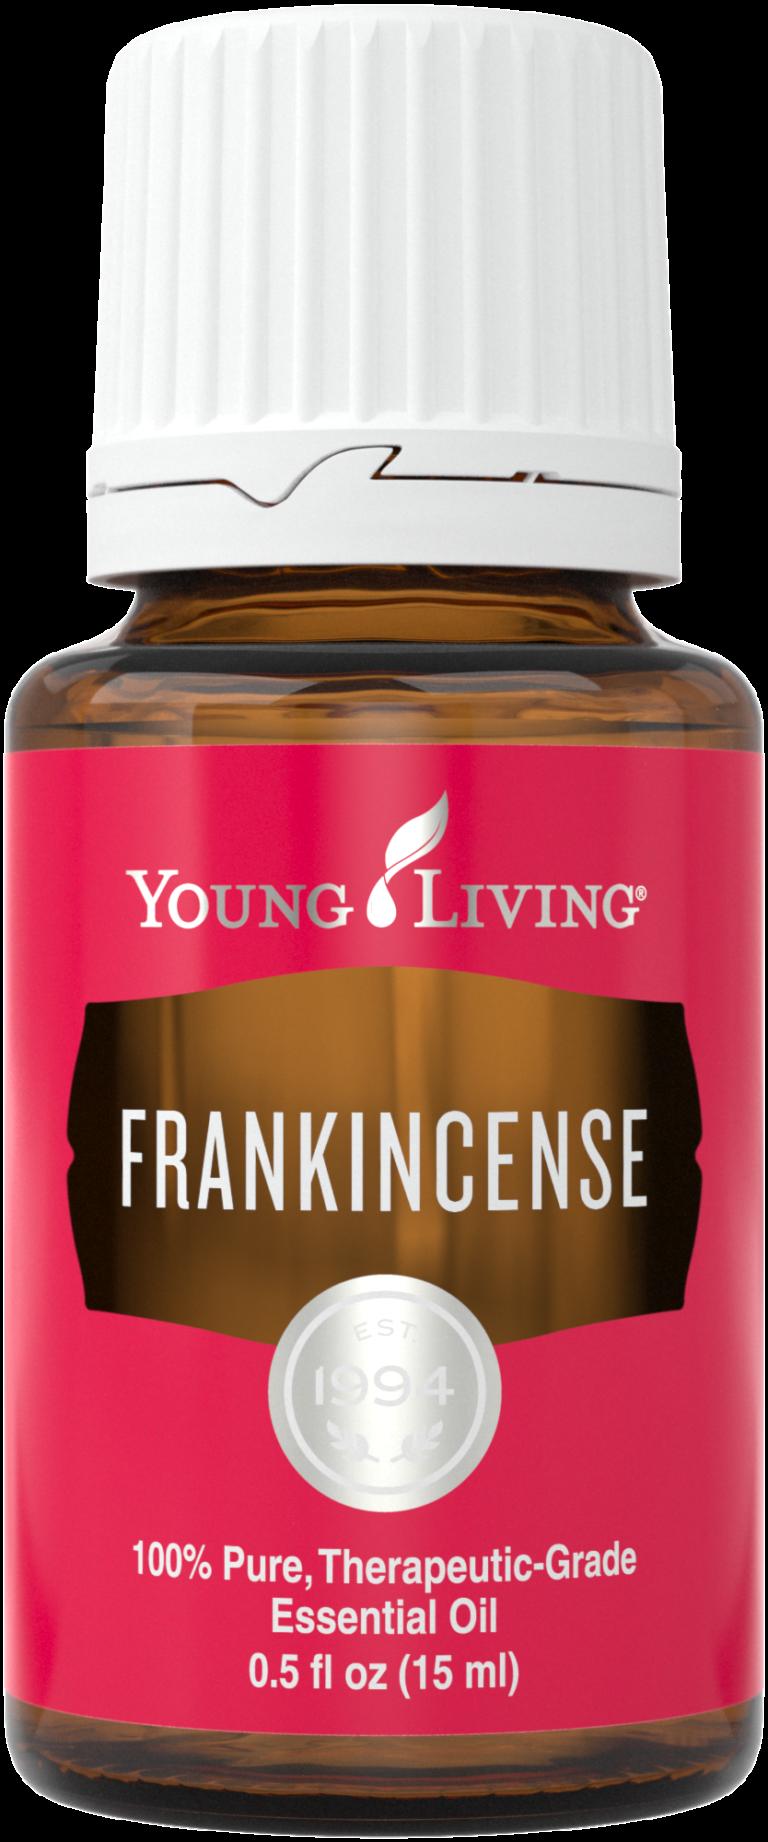 frankincense_15ml_silo_us_2016_24419031922_o